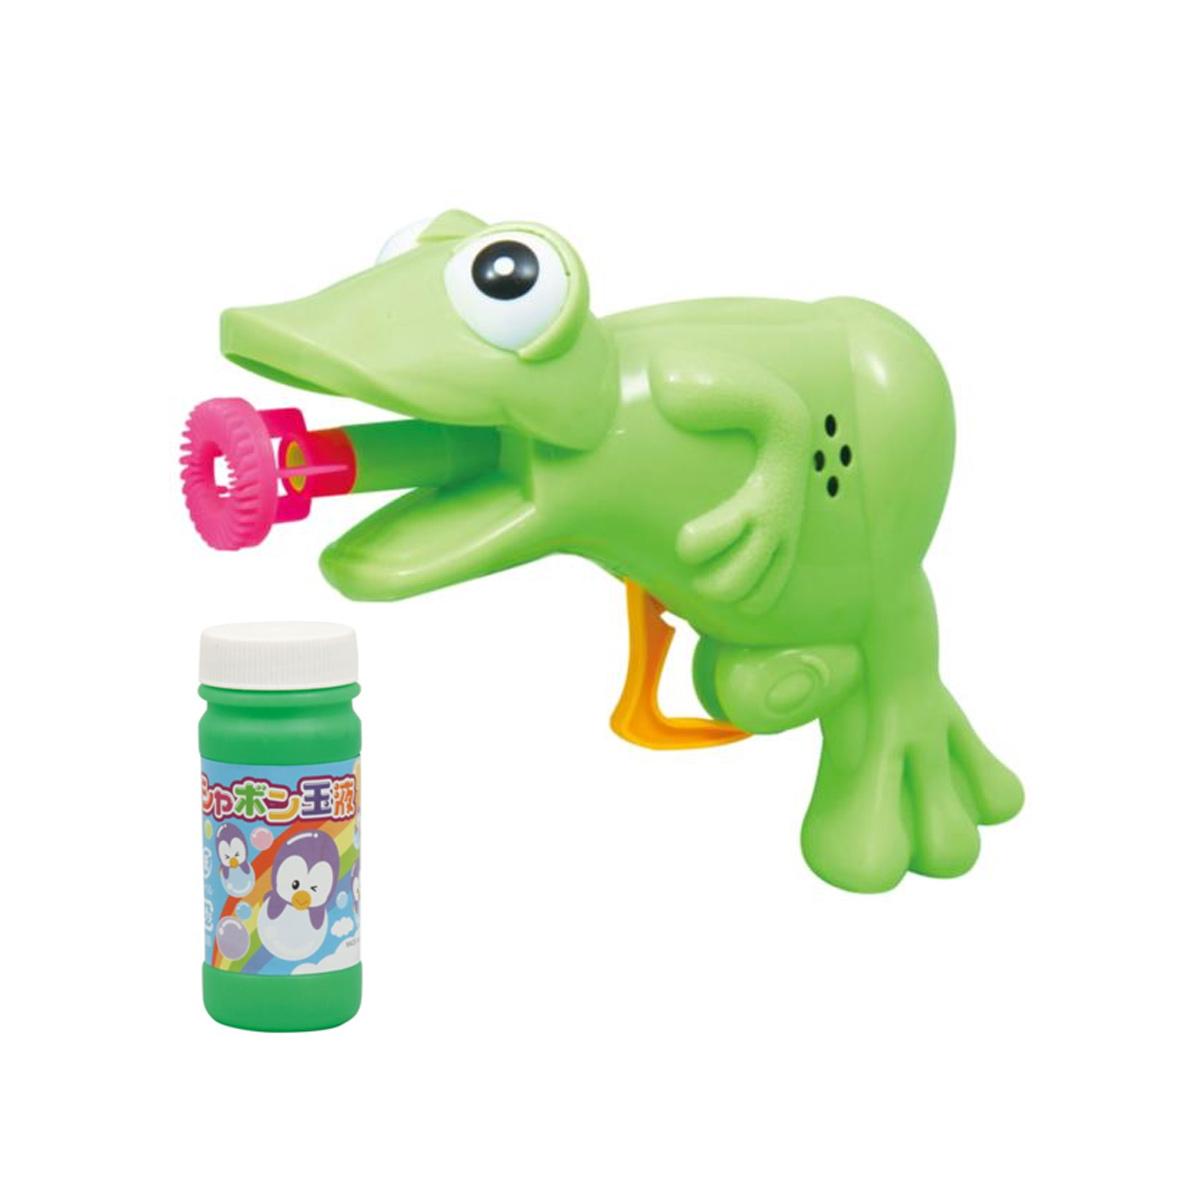 カエルしゃぼん 子供 キッズ 幼児 知育玩具 しゃぼん玉 おもちゃ 祭り 景品 クリスマスプレゼント